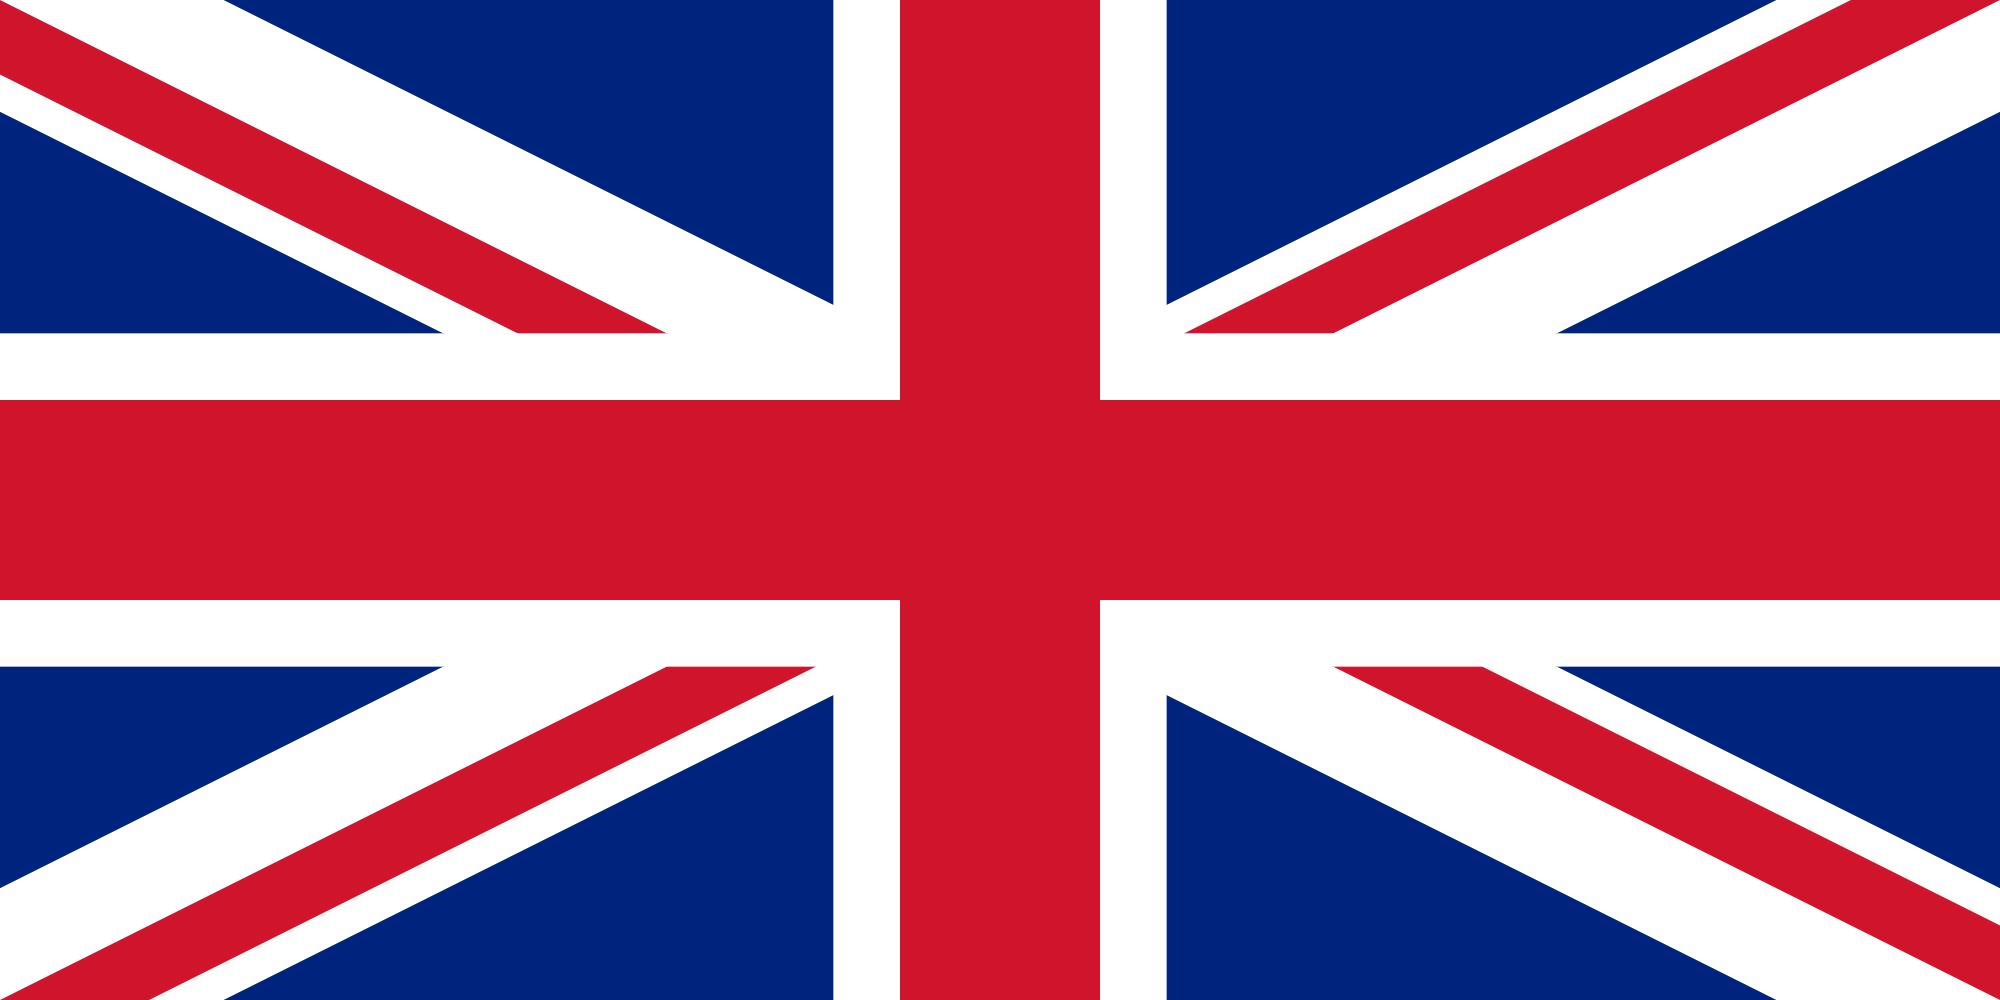 Bandeira do Reino Unido (Inglaterra-Escócia-País de Gales-Irlanda do ...